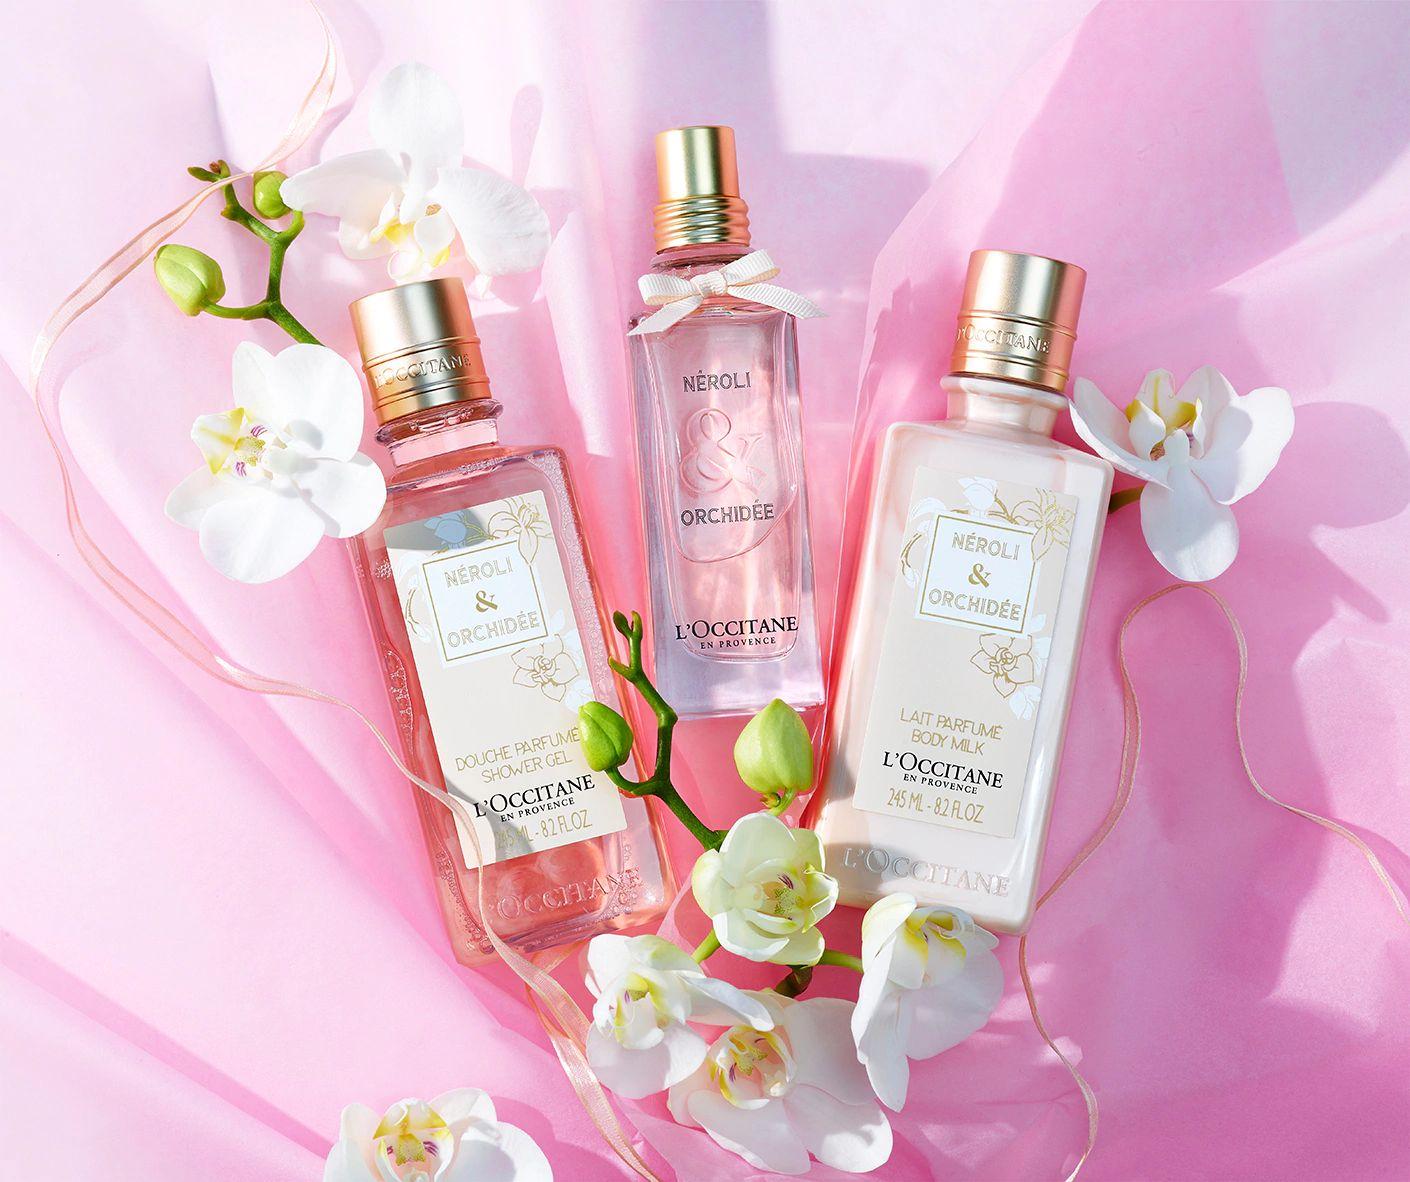 Neroli & Orchidee Collection - Orange Blossom & Orchid Fragrance & Body Care - L'Occitane